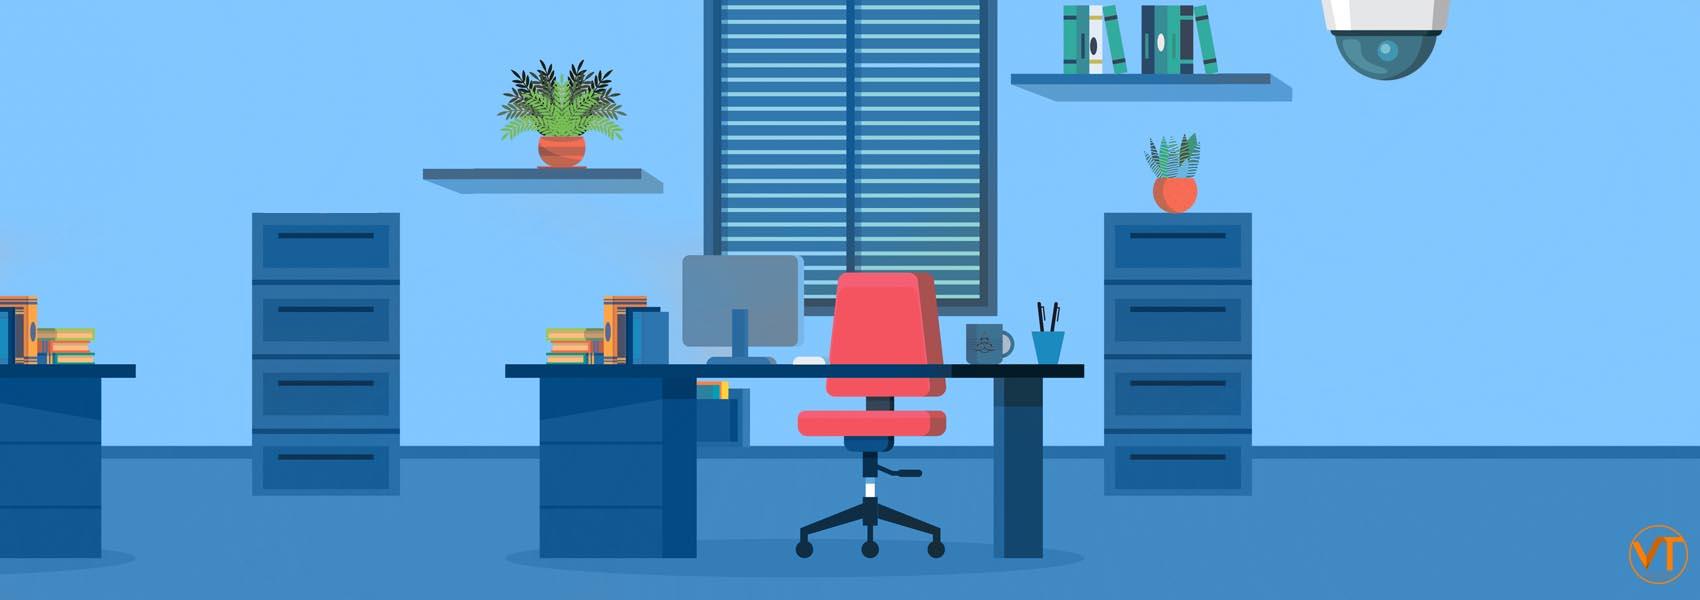 Монтаж видеонаблюдения в офис